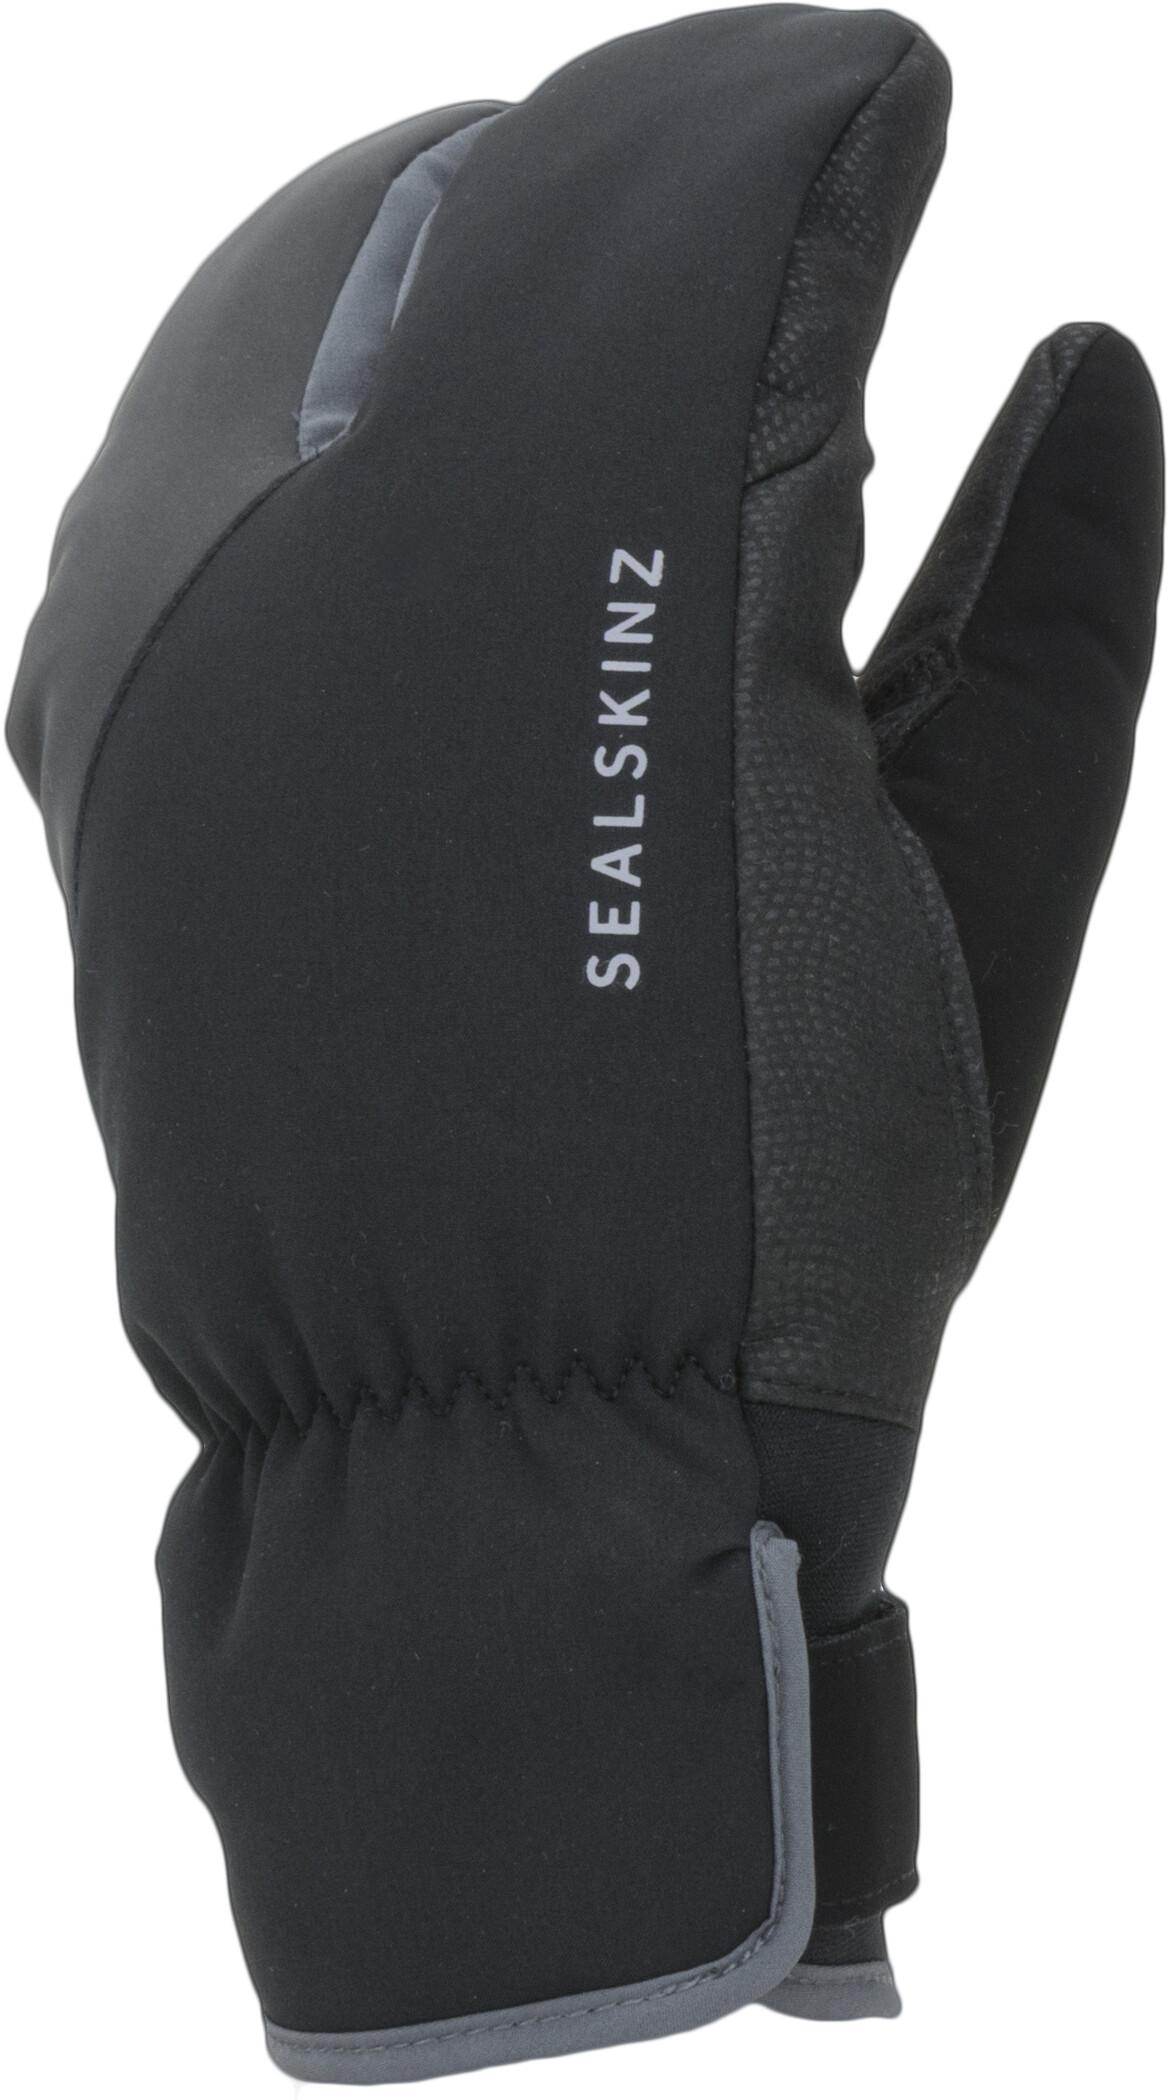 Sealskinz Waterproof Extreme Cold Weather Handsker, black/grey (2019) | Handsker